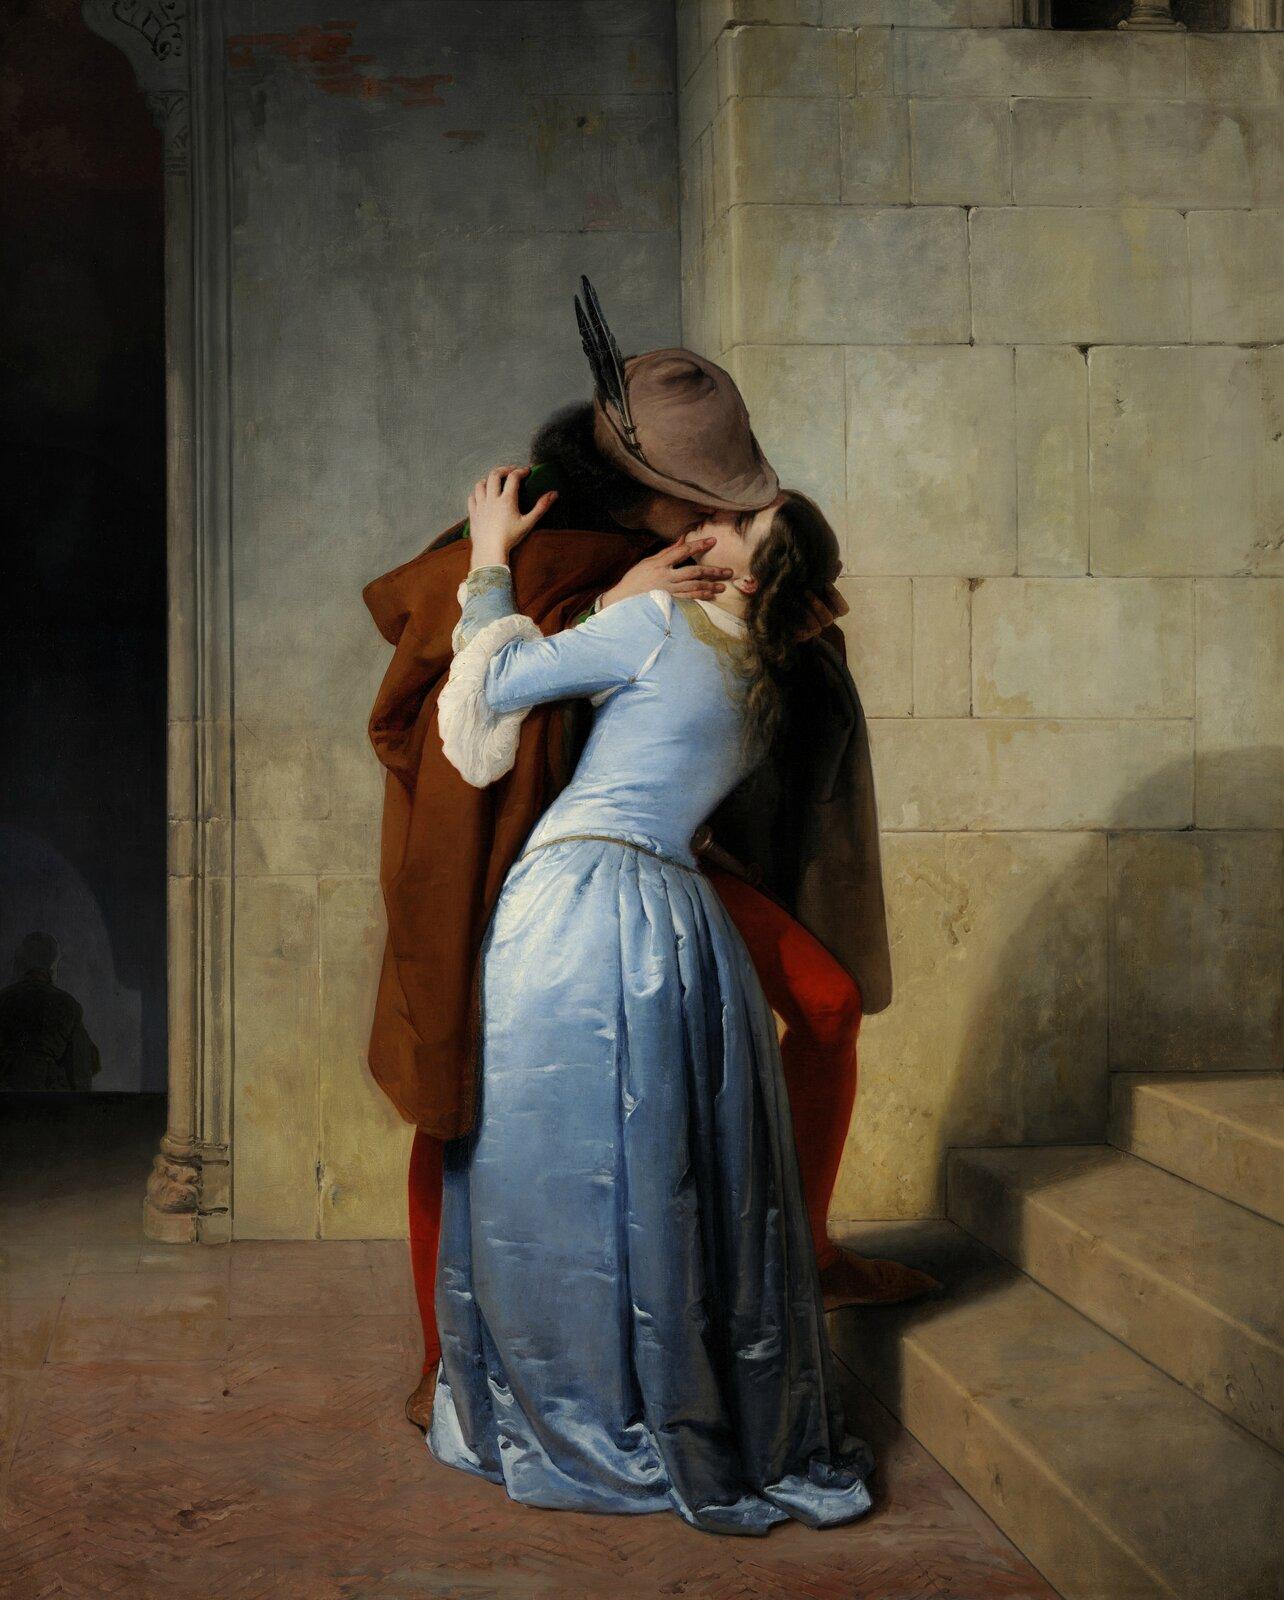 Pocałunek 3. Źródło: Francesco Hayez, Pocałunek, 1859, olej na płótnie, Pinacoteca di Brera, Mediolan, domena publiczna.